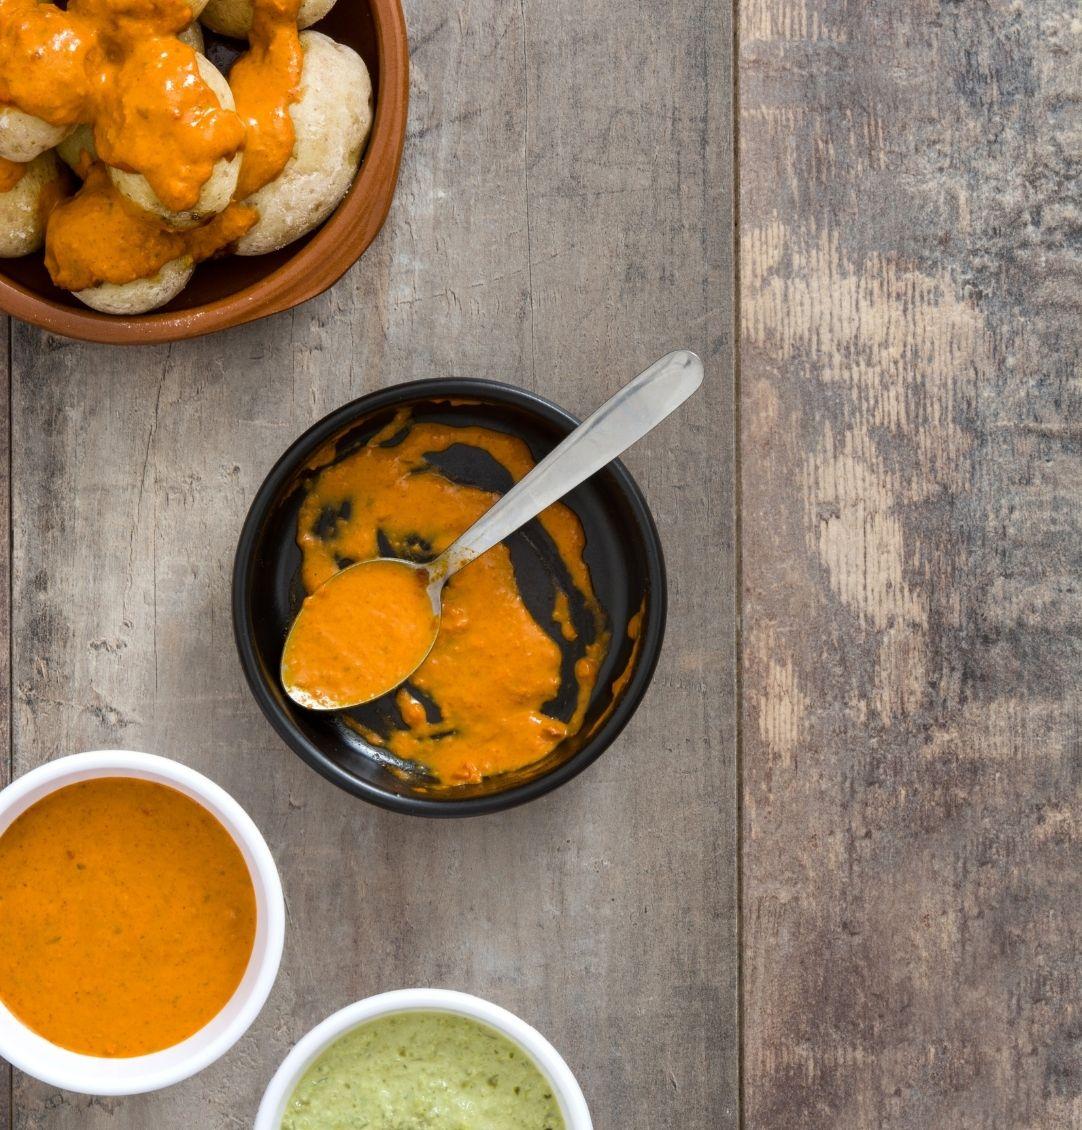 Fondo | Locas de la vida | Recetas de cocina para principiantes fácil y rápidas de preparar